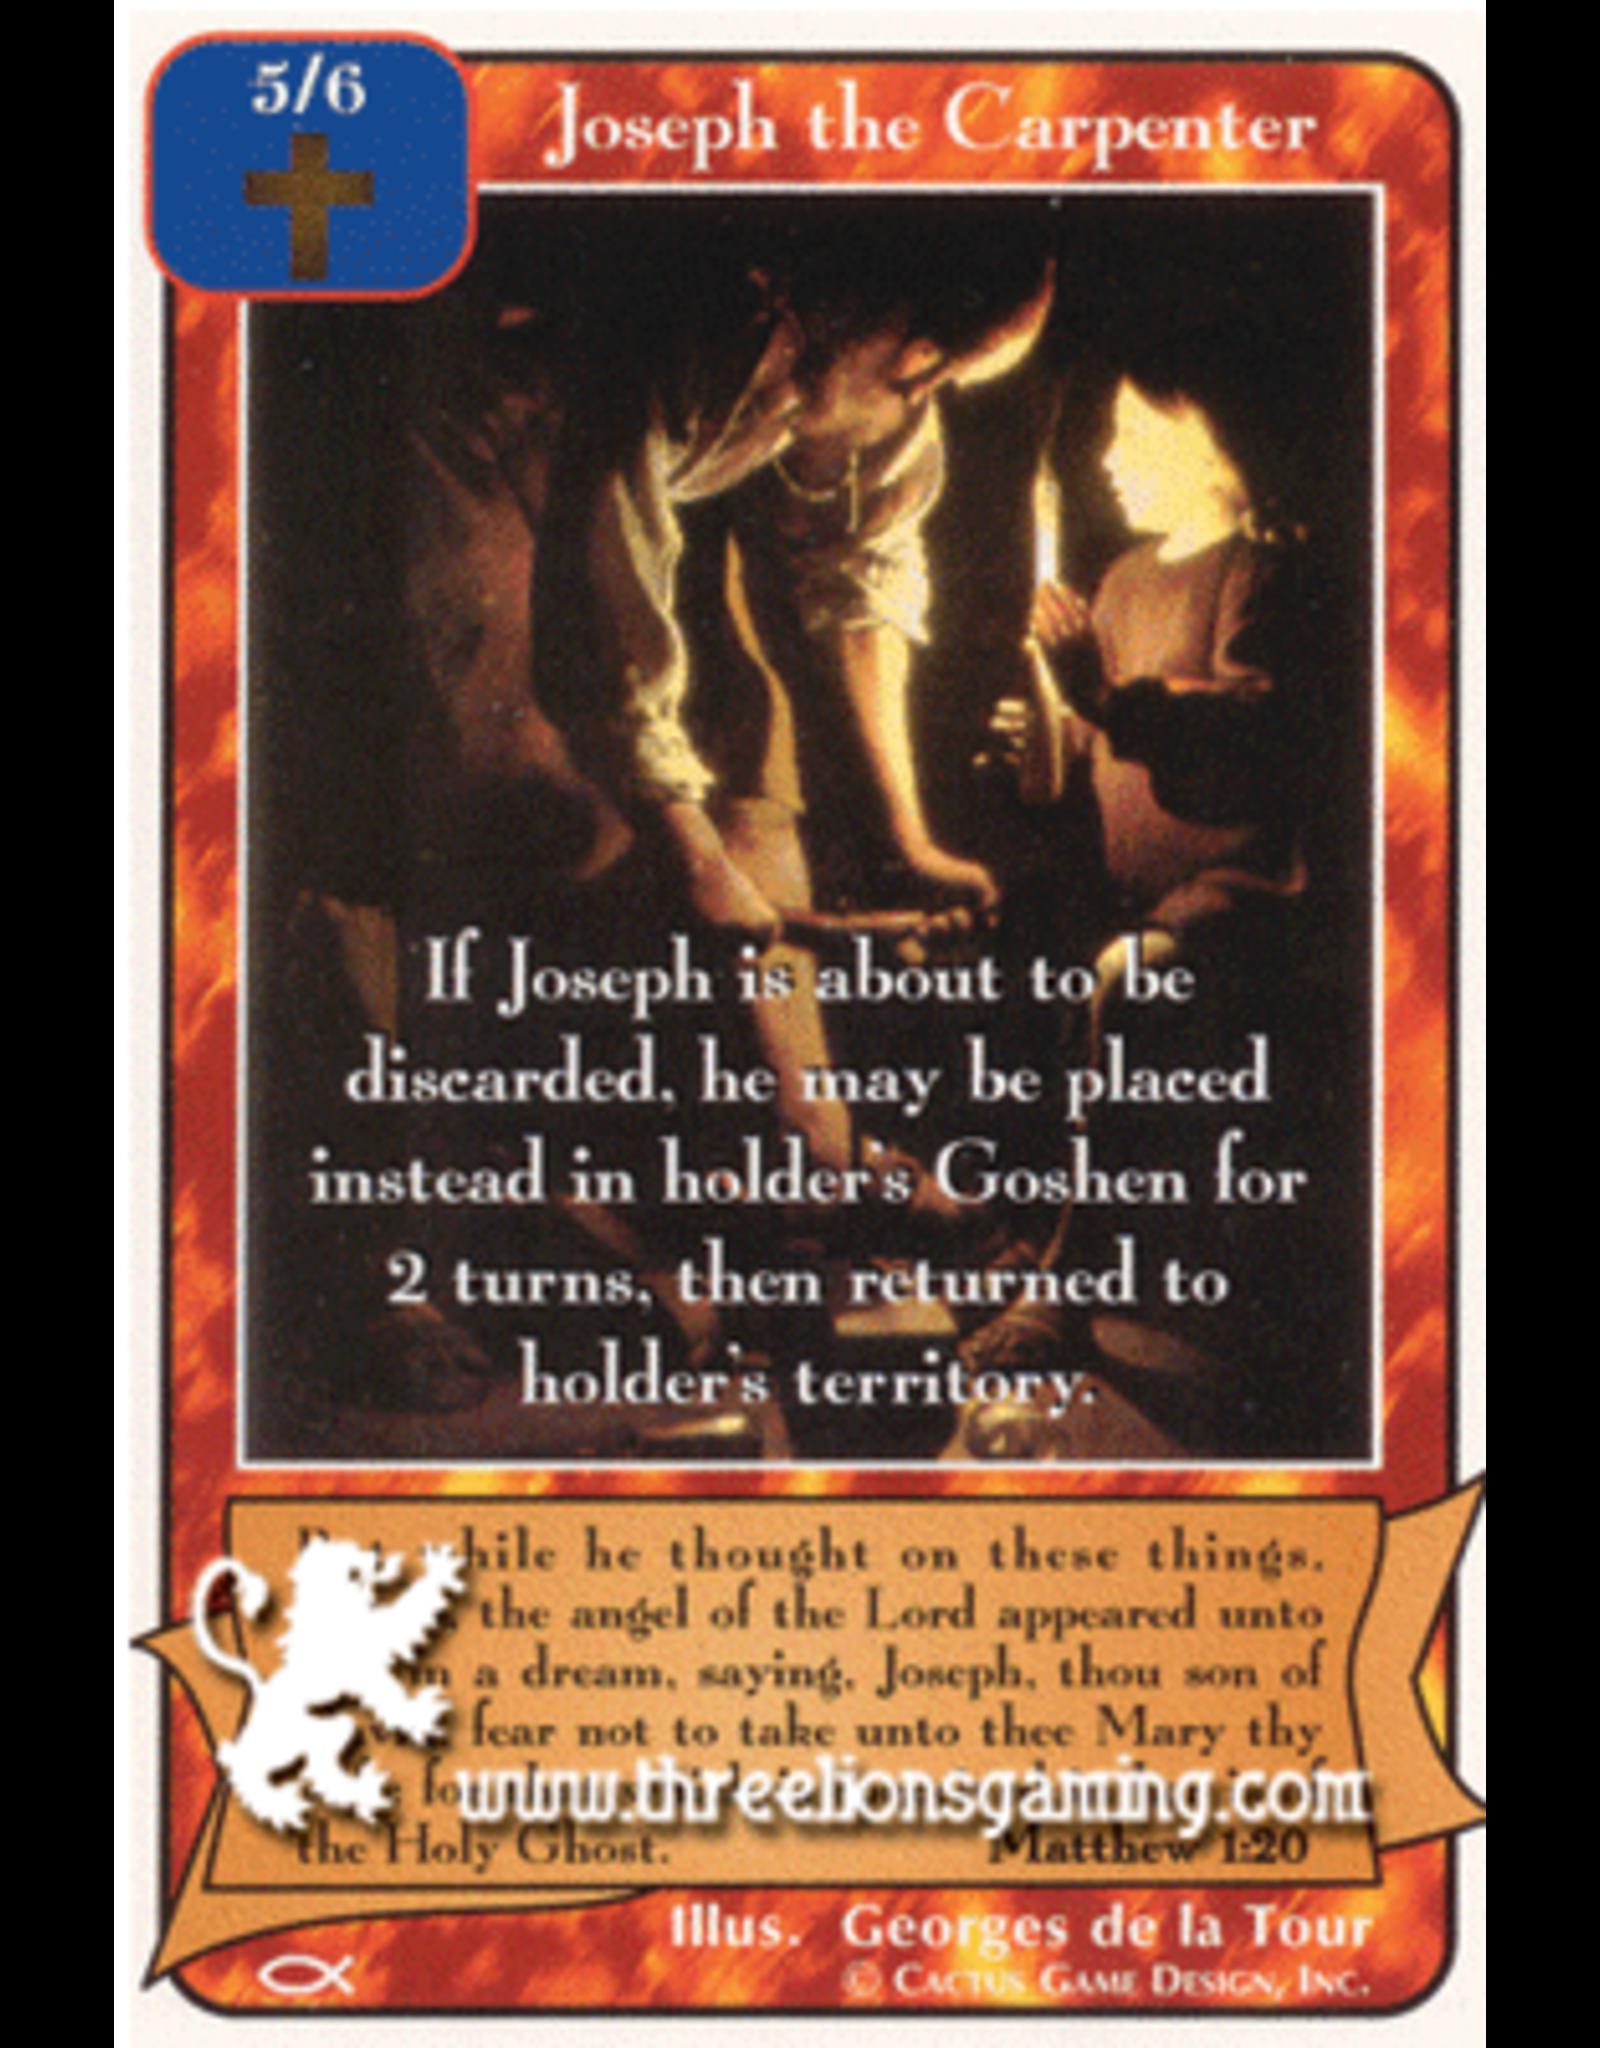 Ap: Joseph the Carpenter